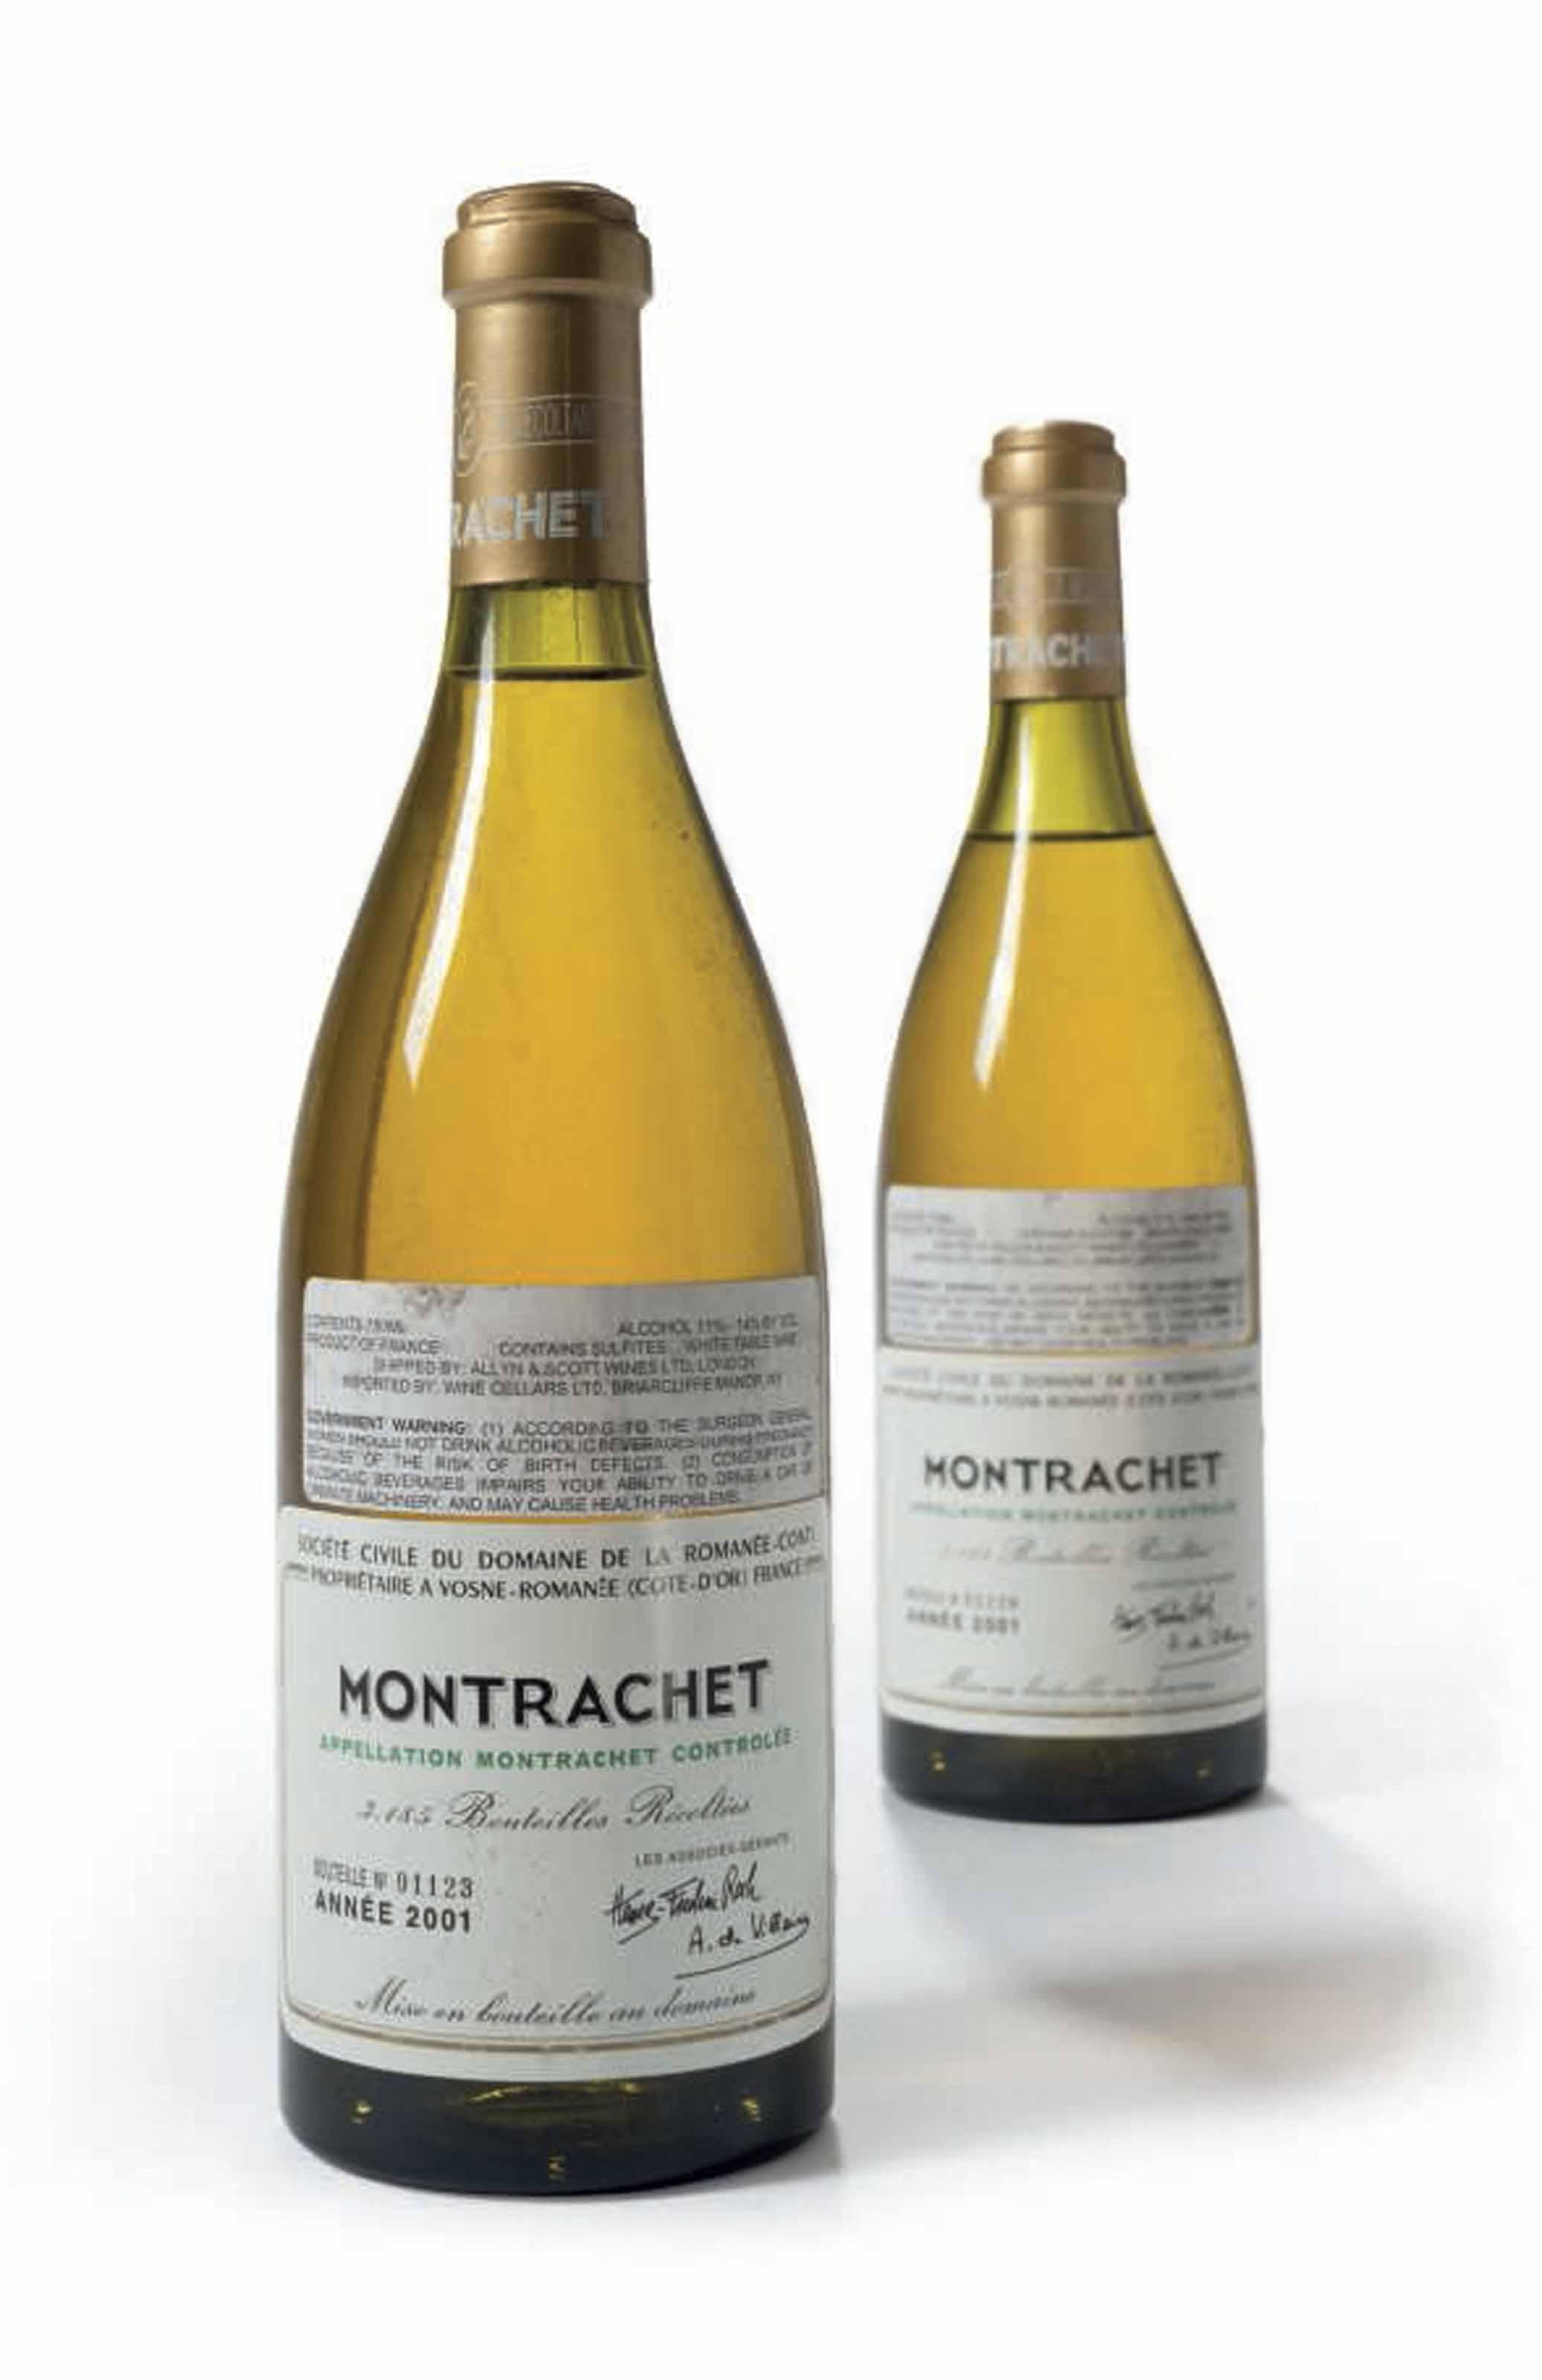 Domaine de la Romanée-Conti, Montrachet 2001